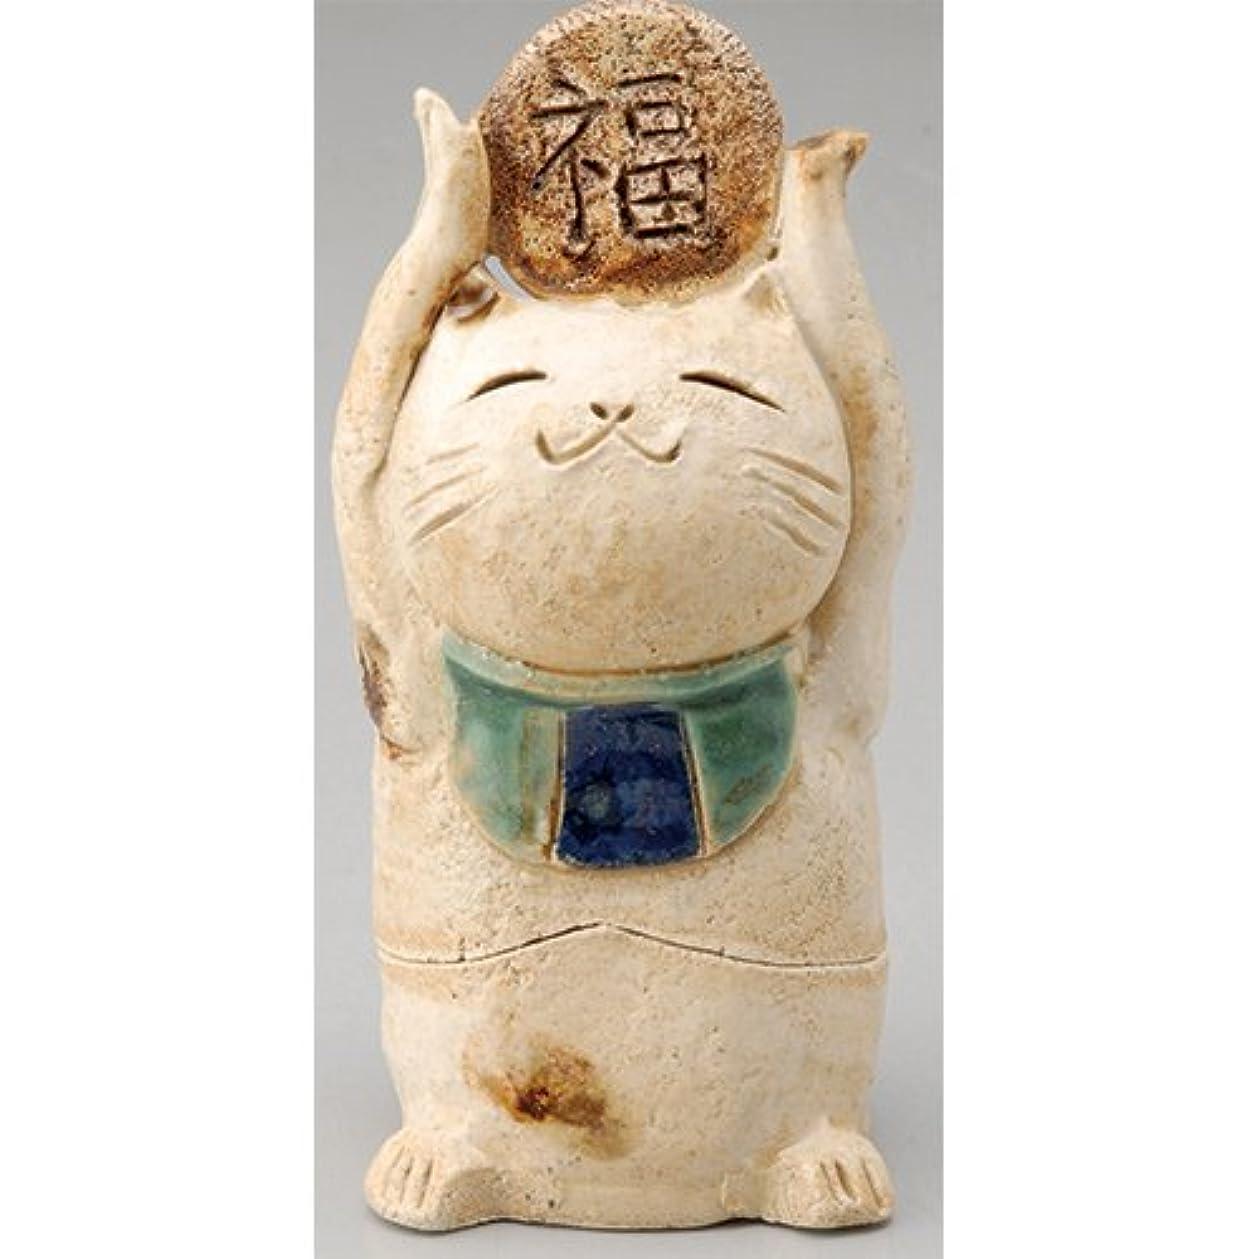 手荷物拡声器ポジティブ香炉 ごえん猫 香炉(福) [H10cm] HANDMADE プレゼント ギフト 和食器 かわいい インテリア